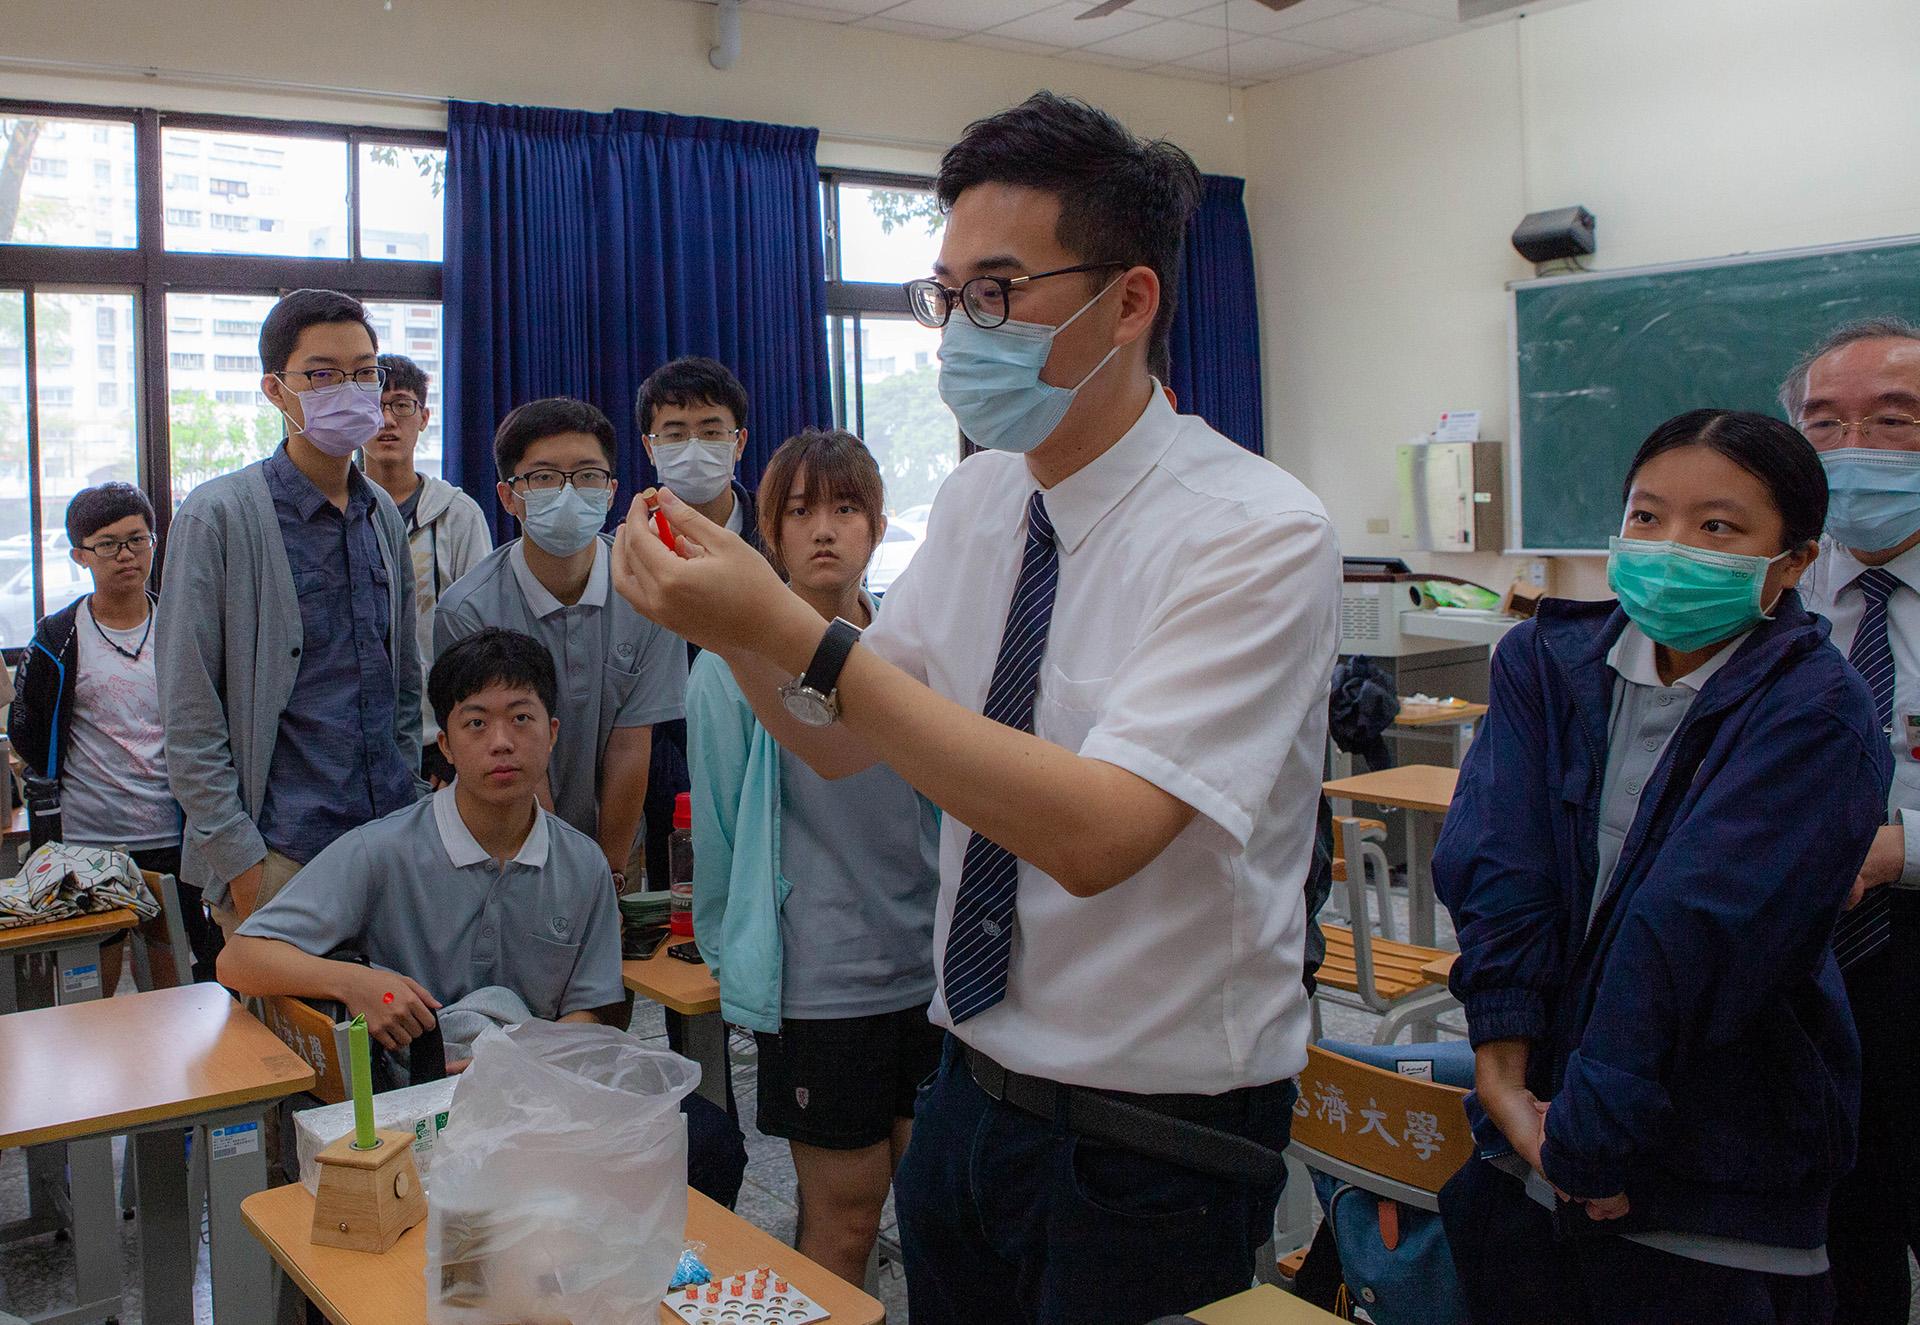 龔彥綸醫師示範「艾粒」使用方法